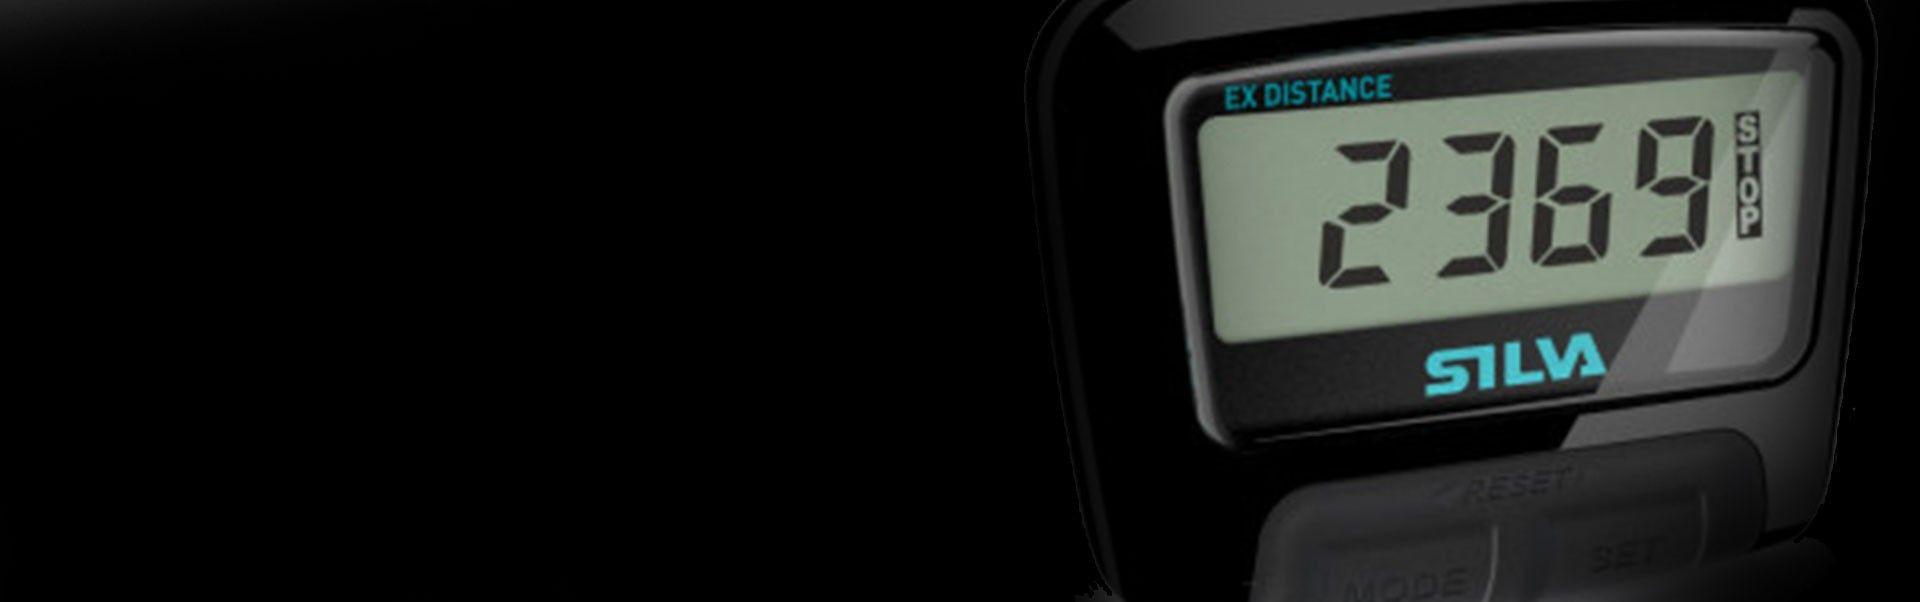 Žingsniamačiai | Chronometrai